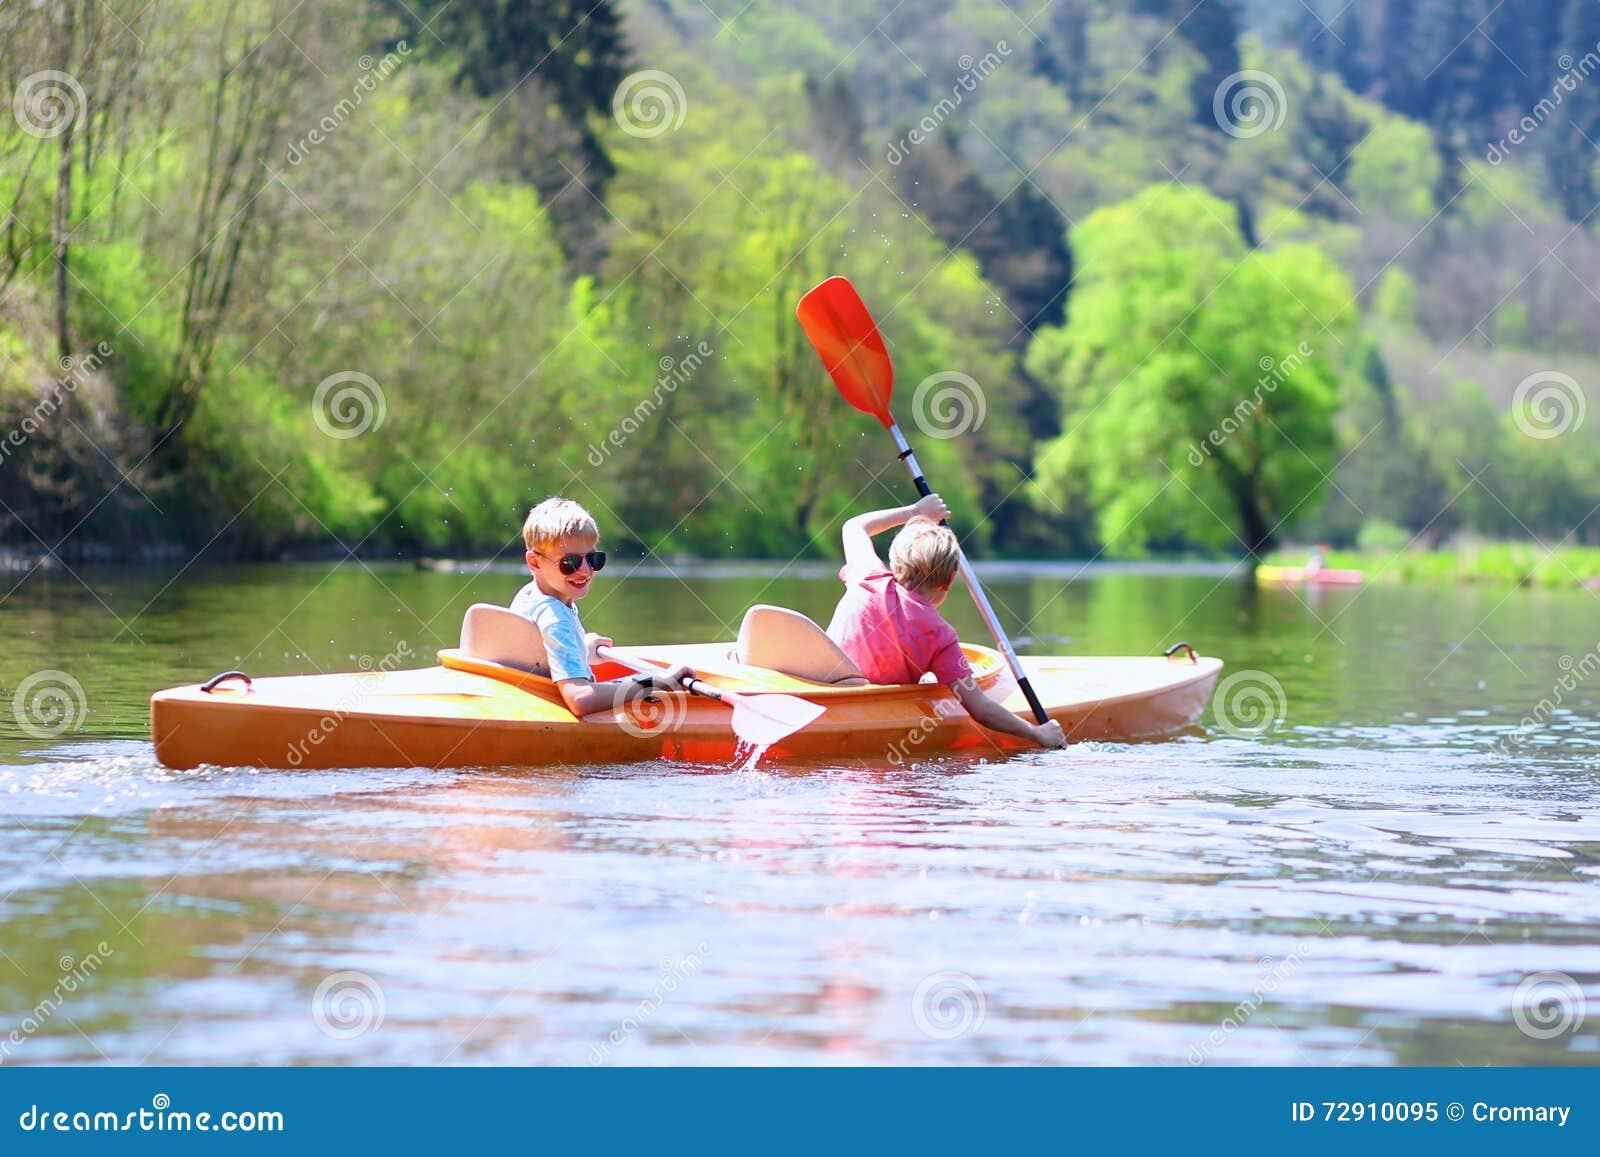 Дети сплавляться на реке